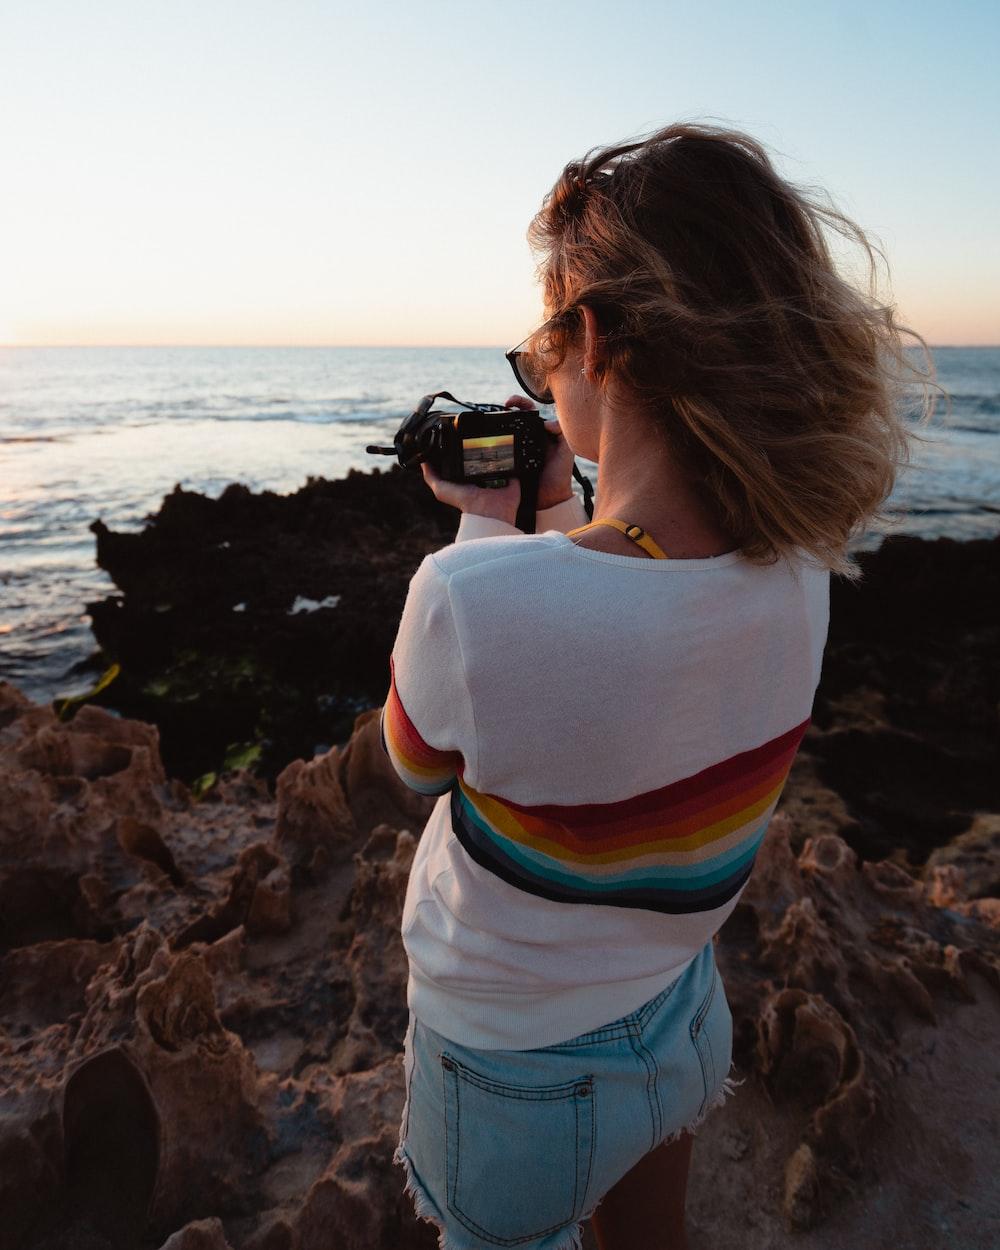 woman taking photo of seashore during daytime